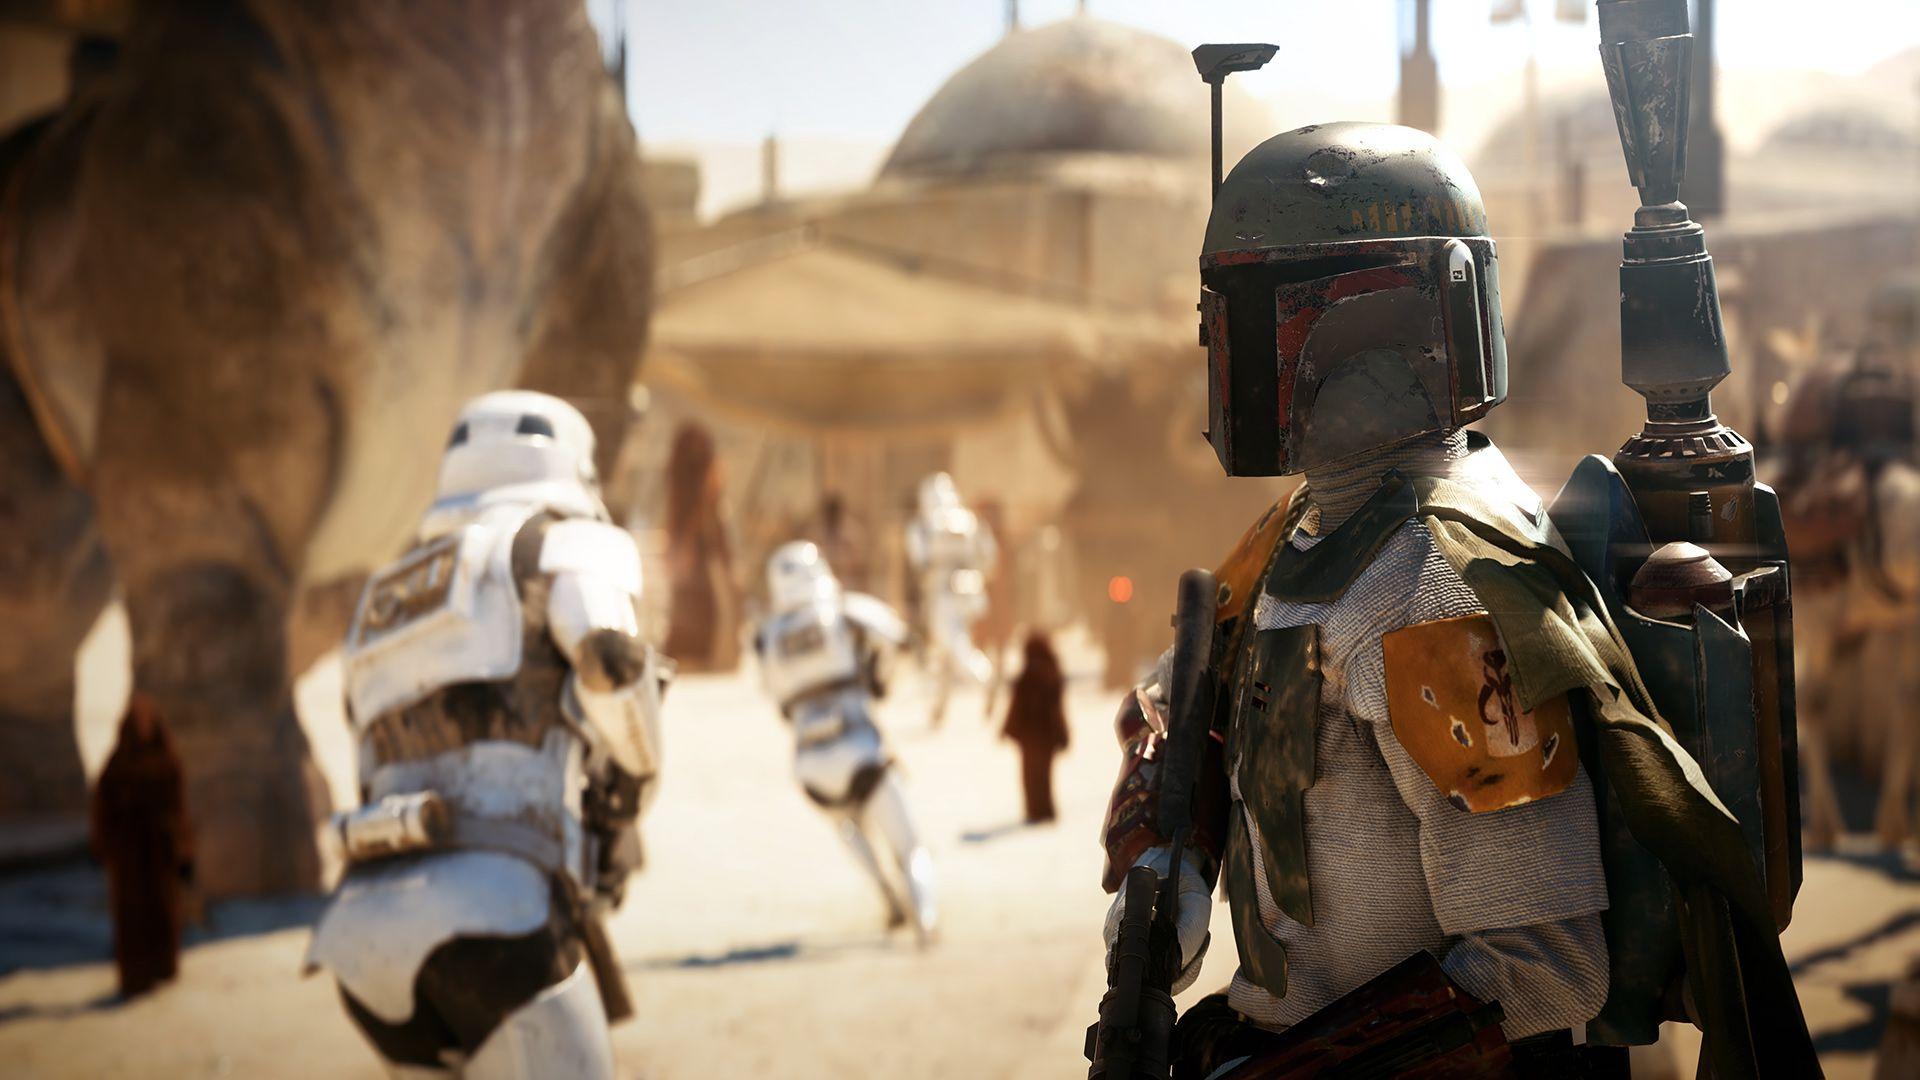 star wars battlefront 2 (2017) EA Games